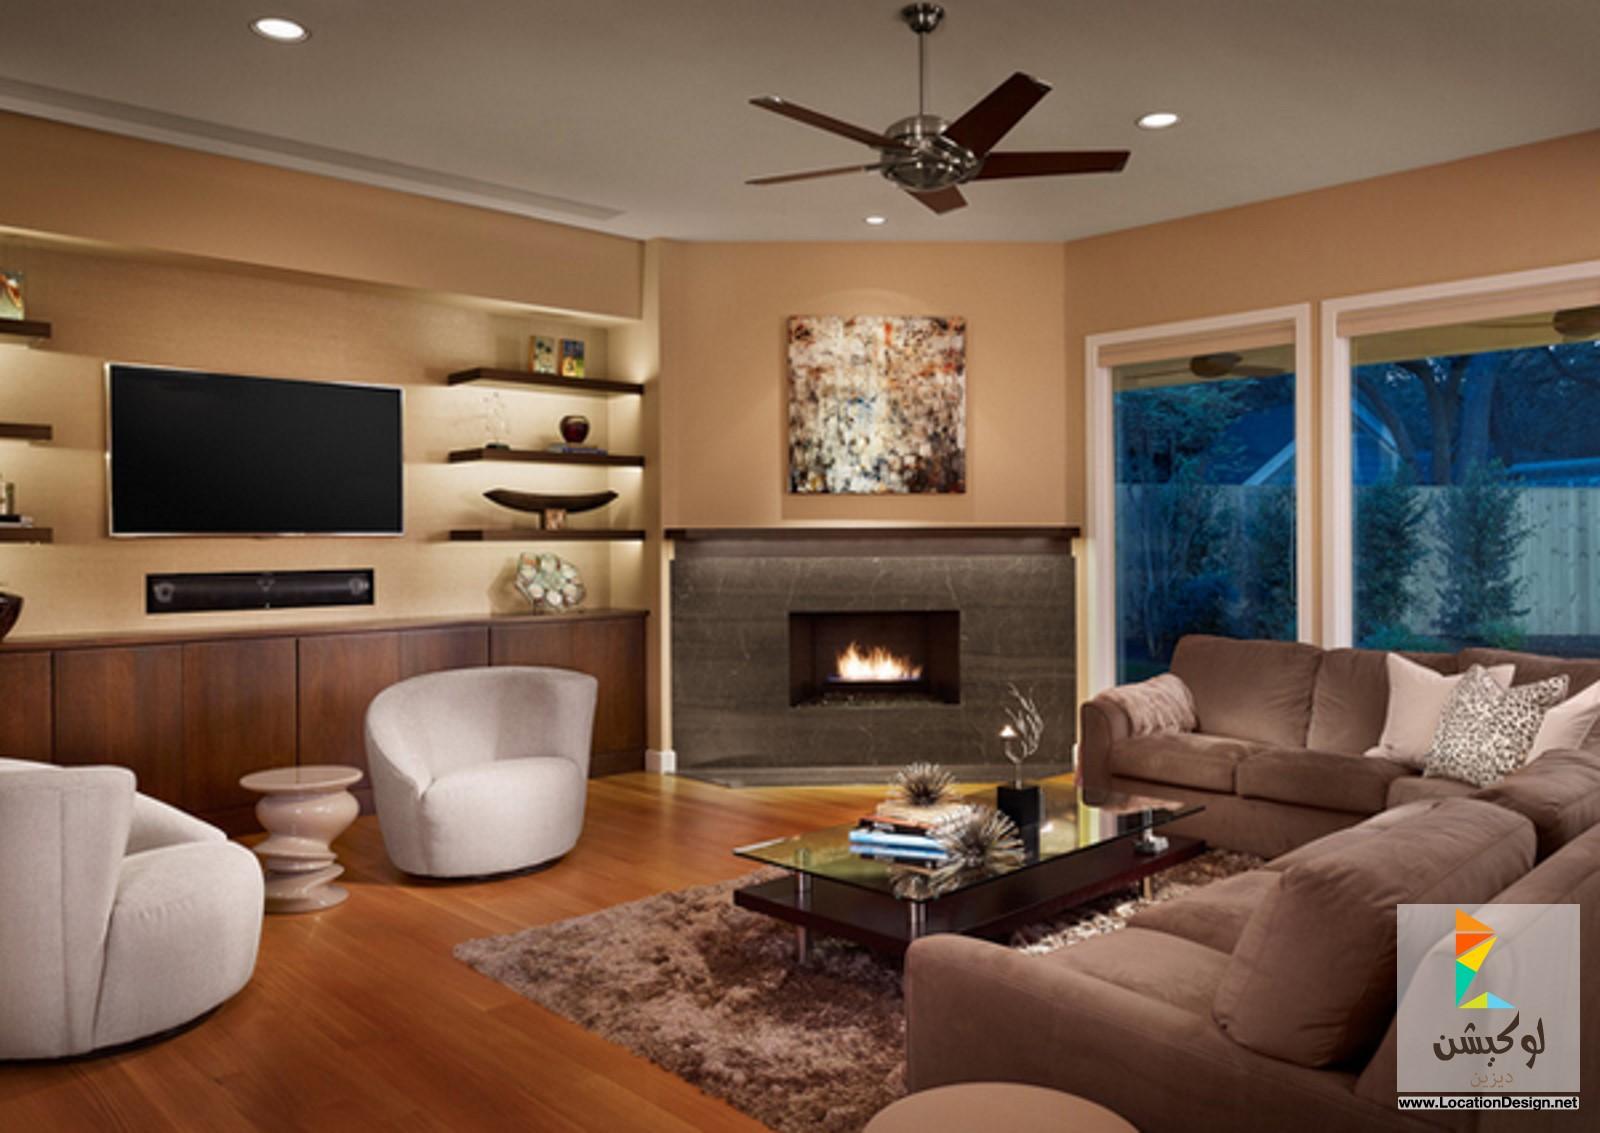 بالصور ديكورات منازل بسيطة , ديكور منازل 4256 4